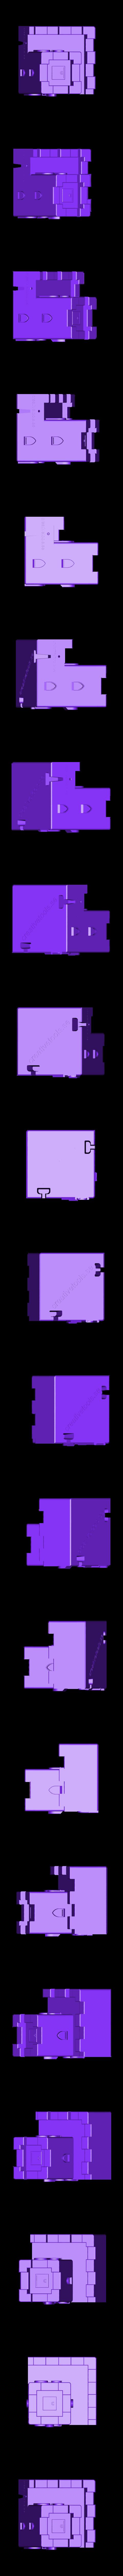 Tower_Wall_Corner_Closed_(Modular Castle Playset - 3D-printable)_By_CreativeTools.se.stl Télécharger fichier STL gratuit Plateau modulaire de château (imprimable en 3D) • Modèle à imprimer en 3D, CreativeTools